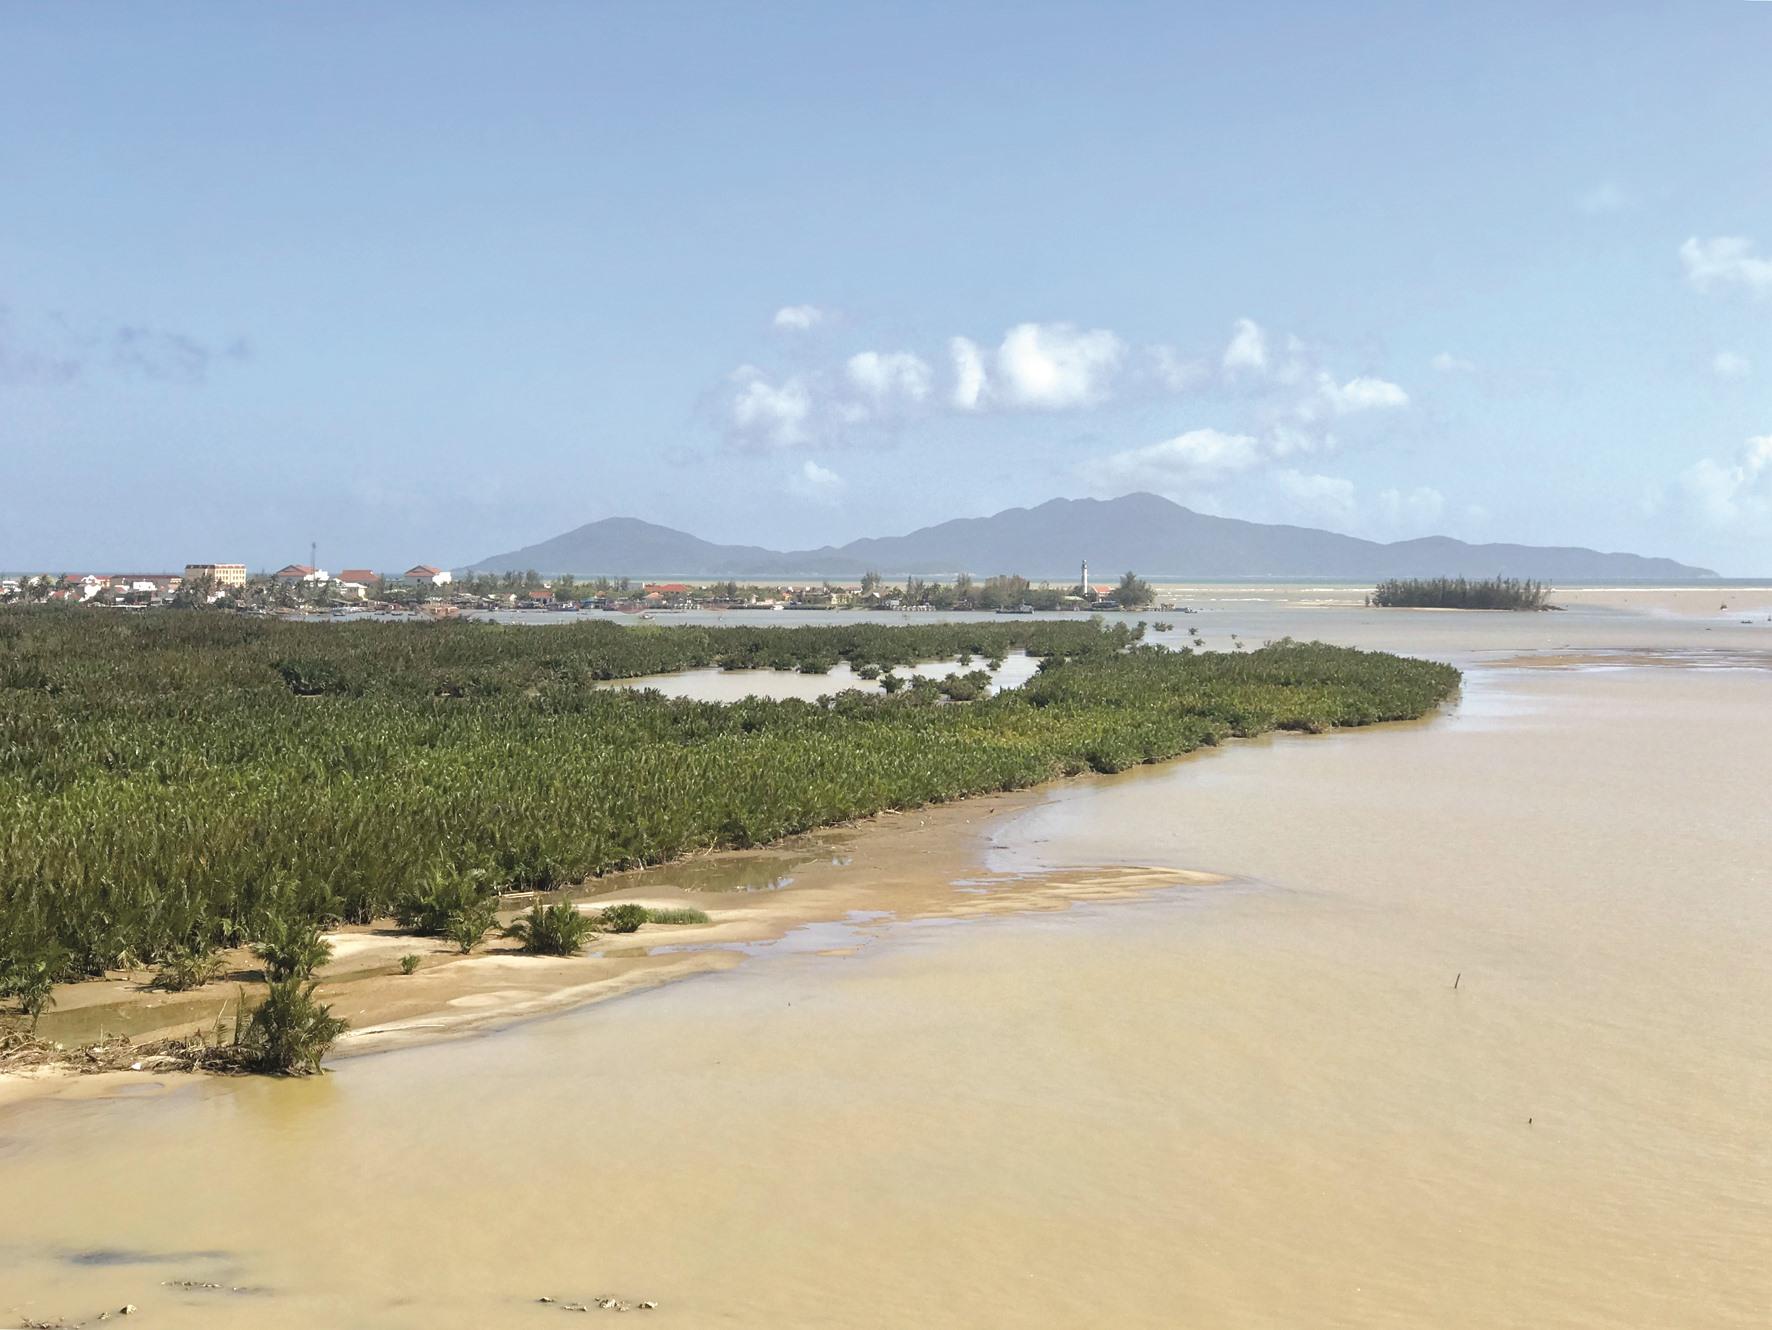 Khu vực ven biển Quảng Nam - Đà Nẵng sẽ hứng chịu tác động của nước biển dâng vào cuối thế kỷ này (ảnh lớn). Vùng cửa sông Thu Bồn là nơi giao thoa nhiều dòng chảy phức tạp. Ảnh: Q.T